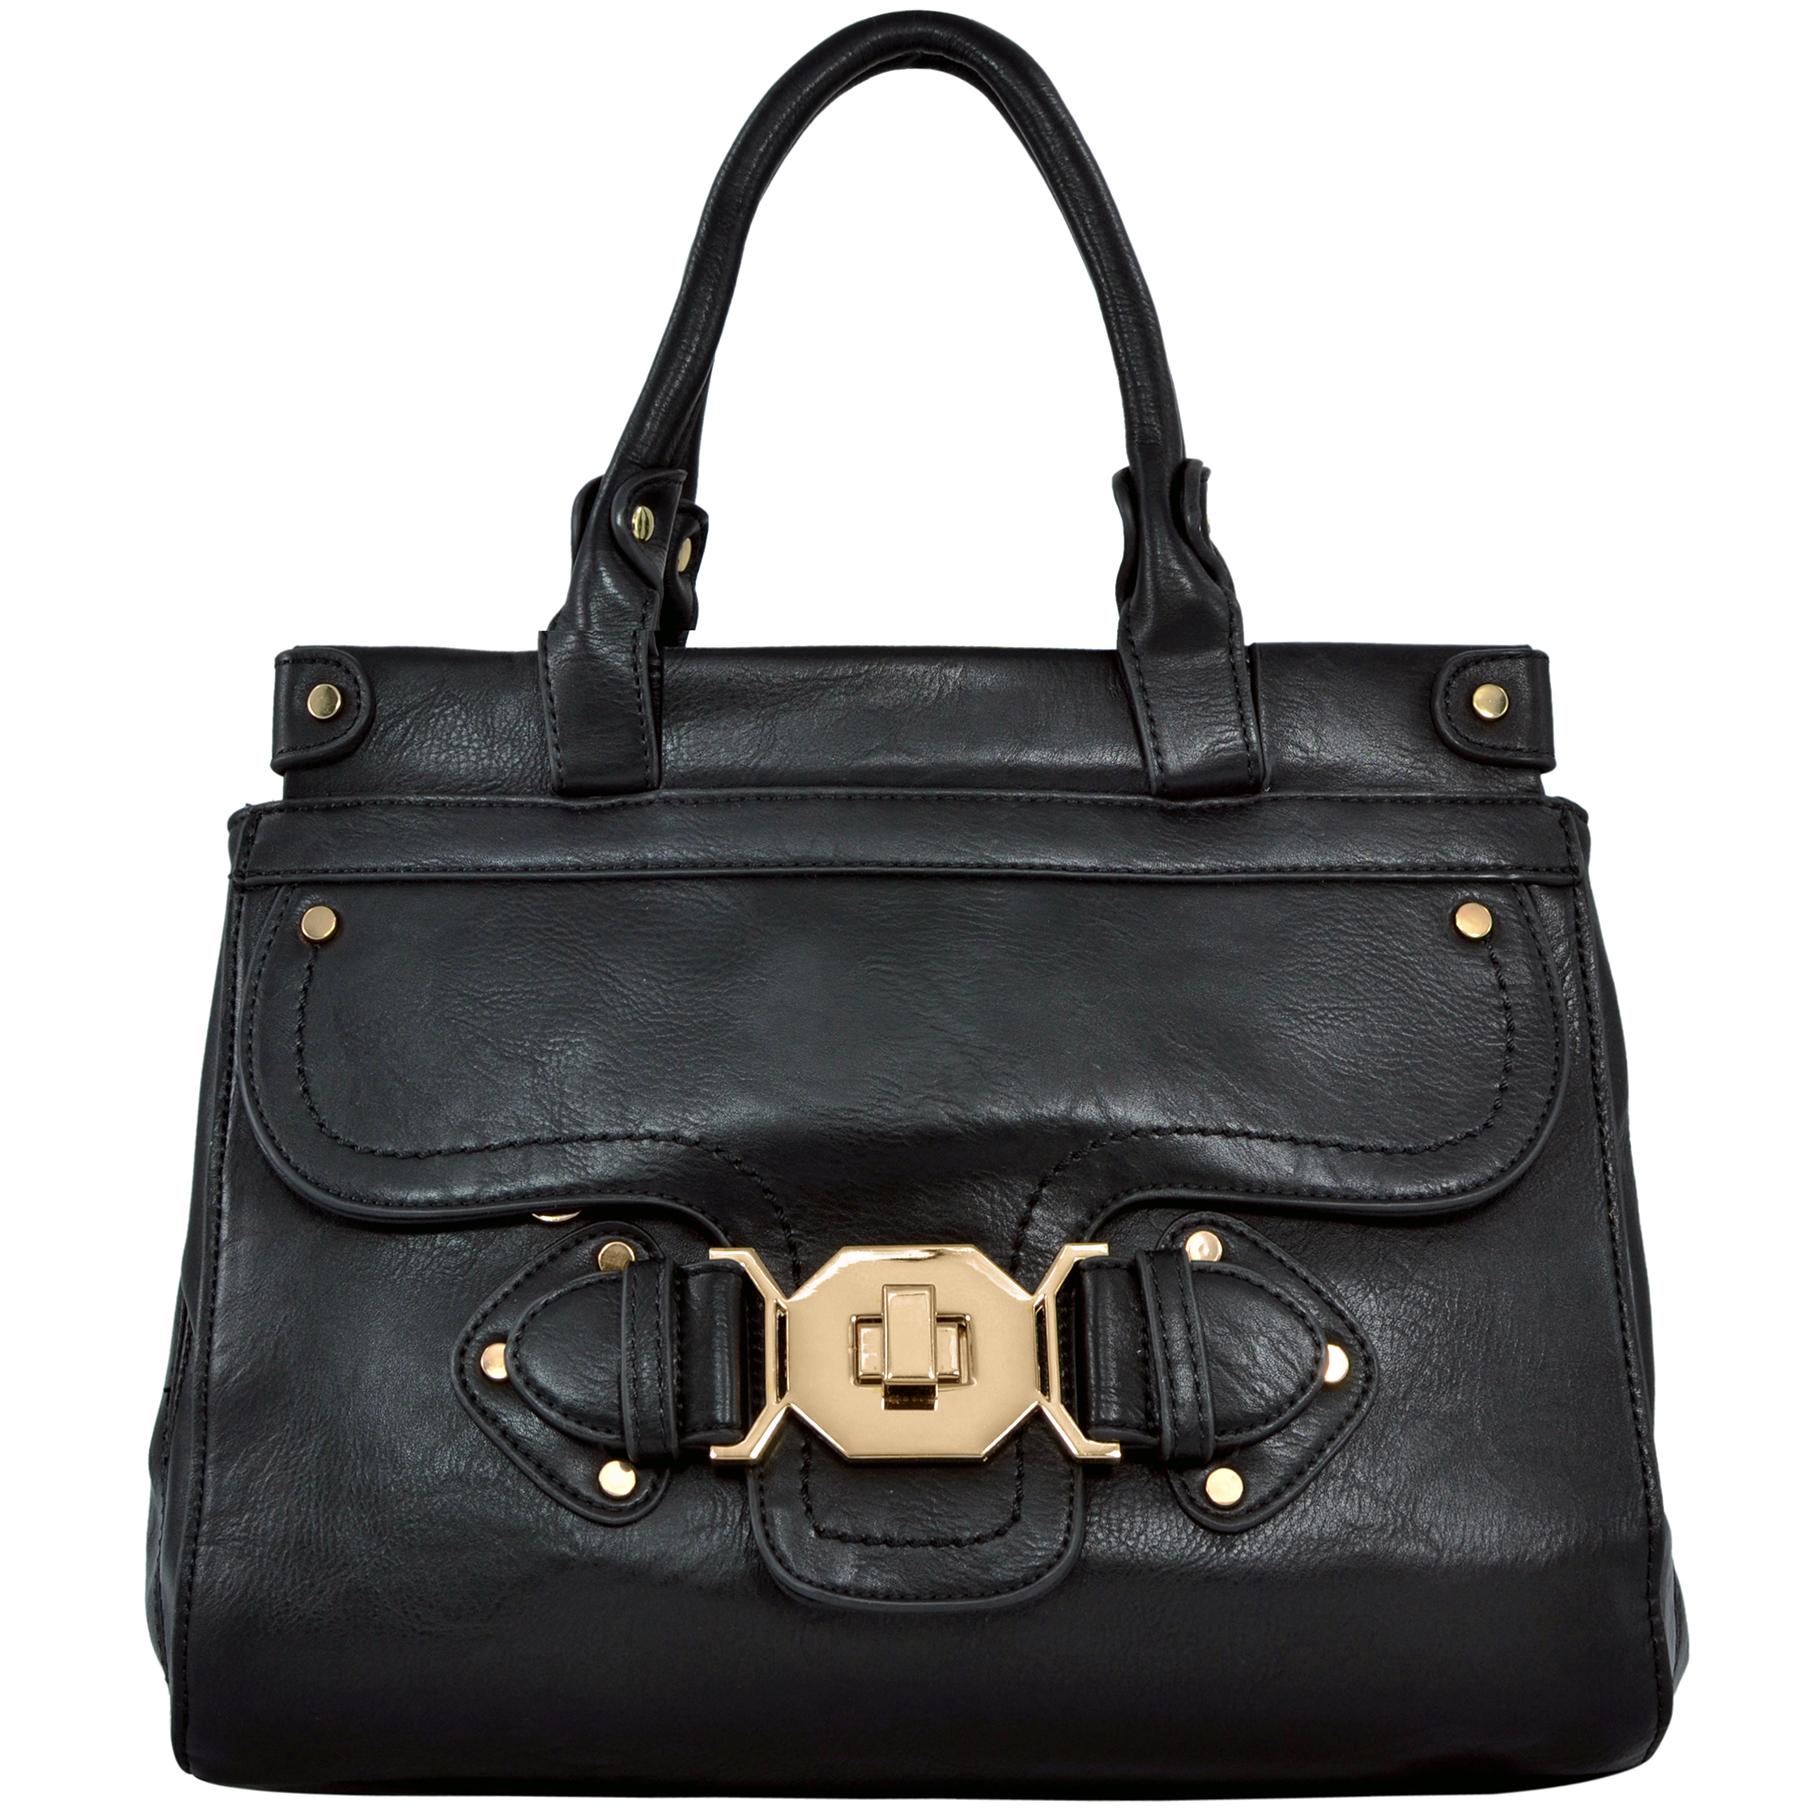 wendy brown satchel style shoulder bag front image